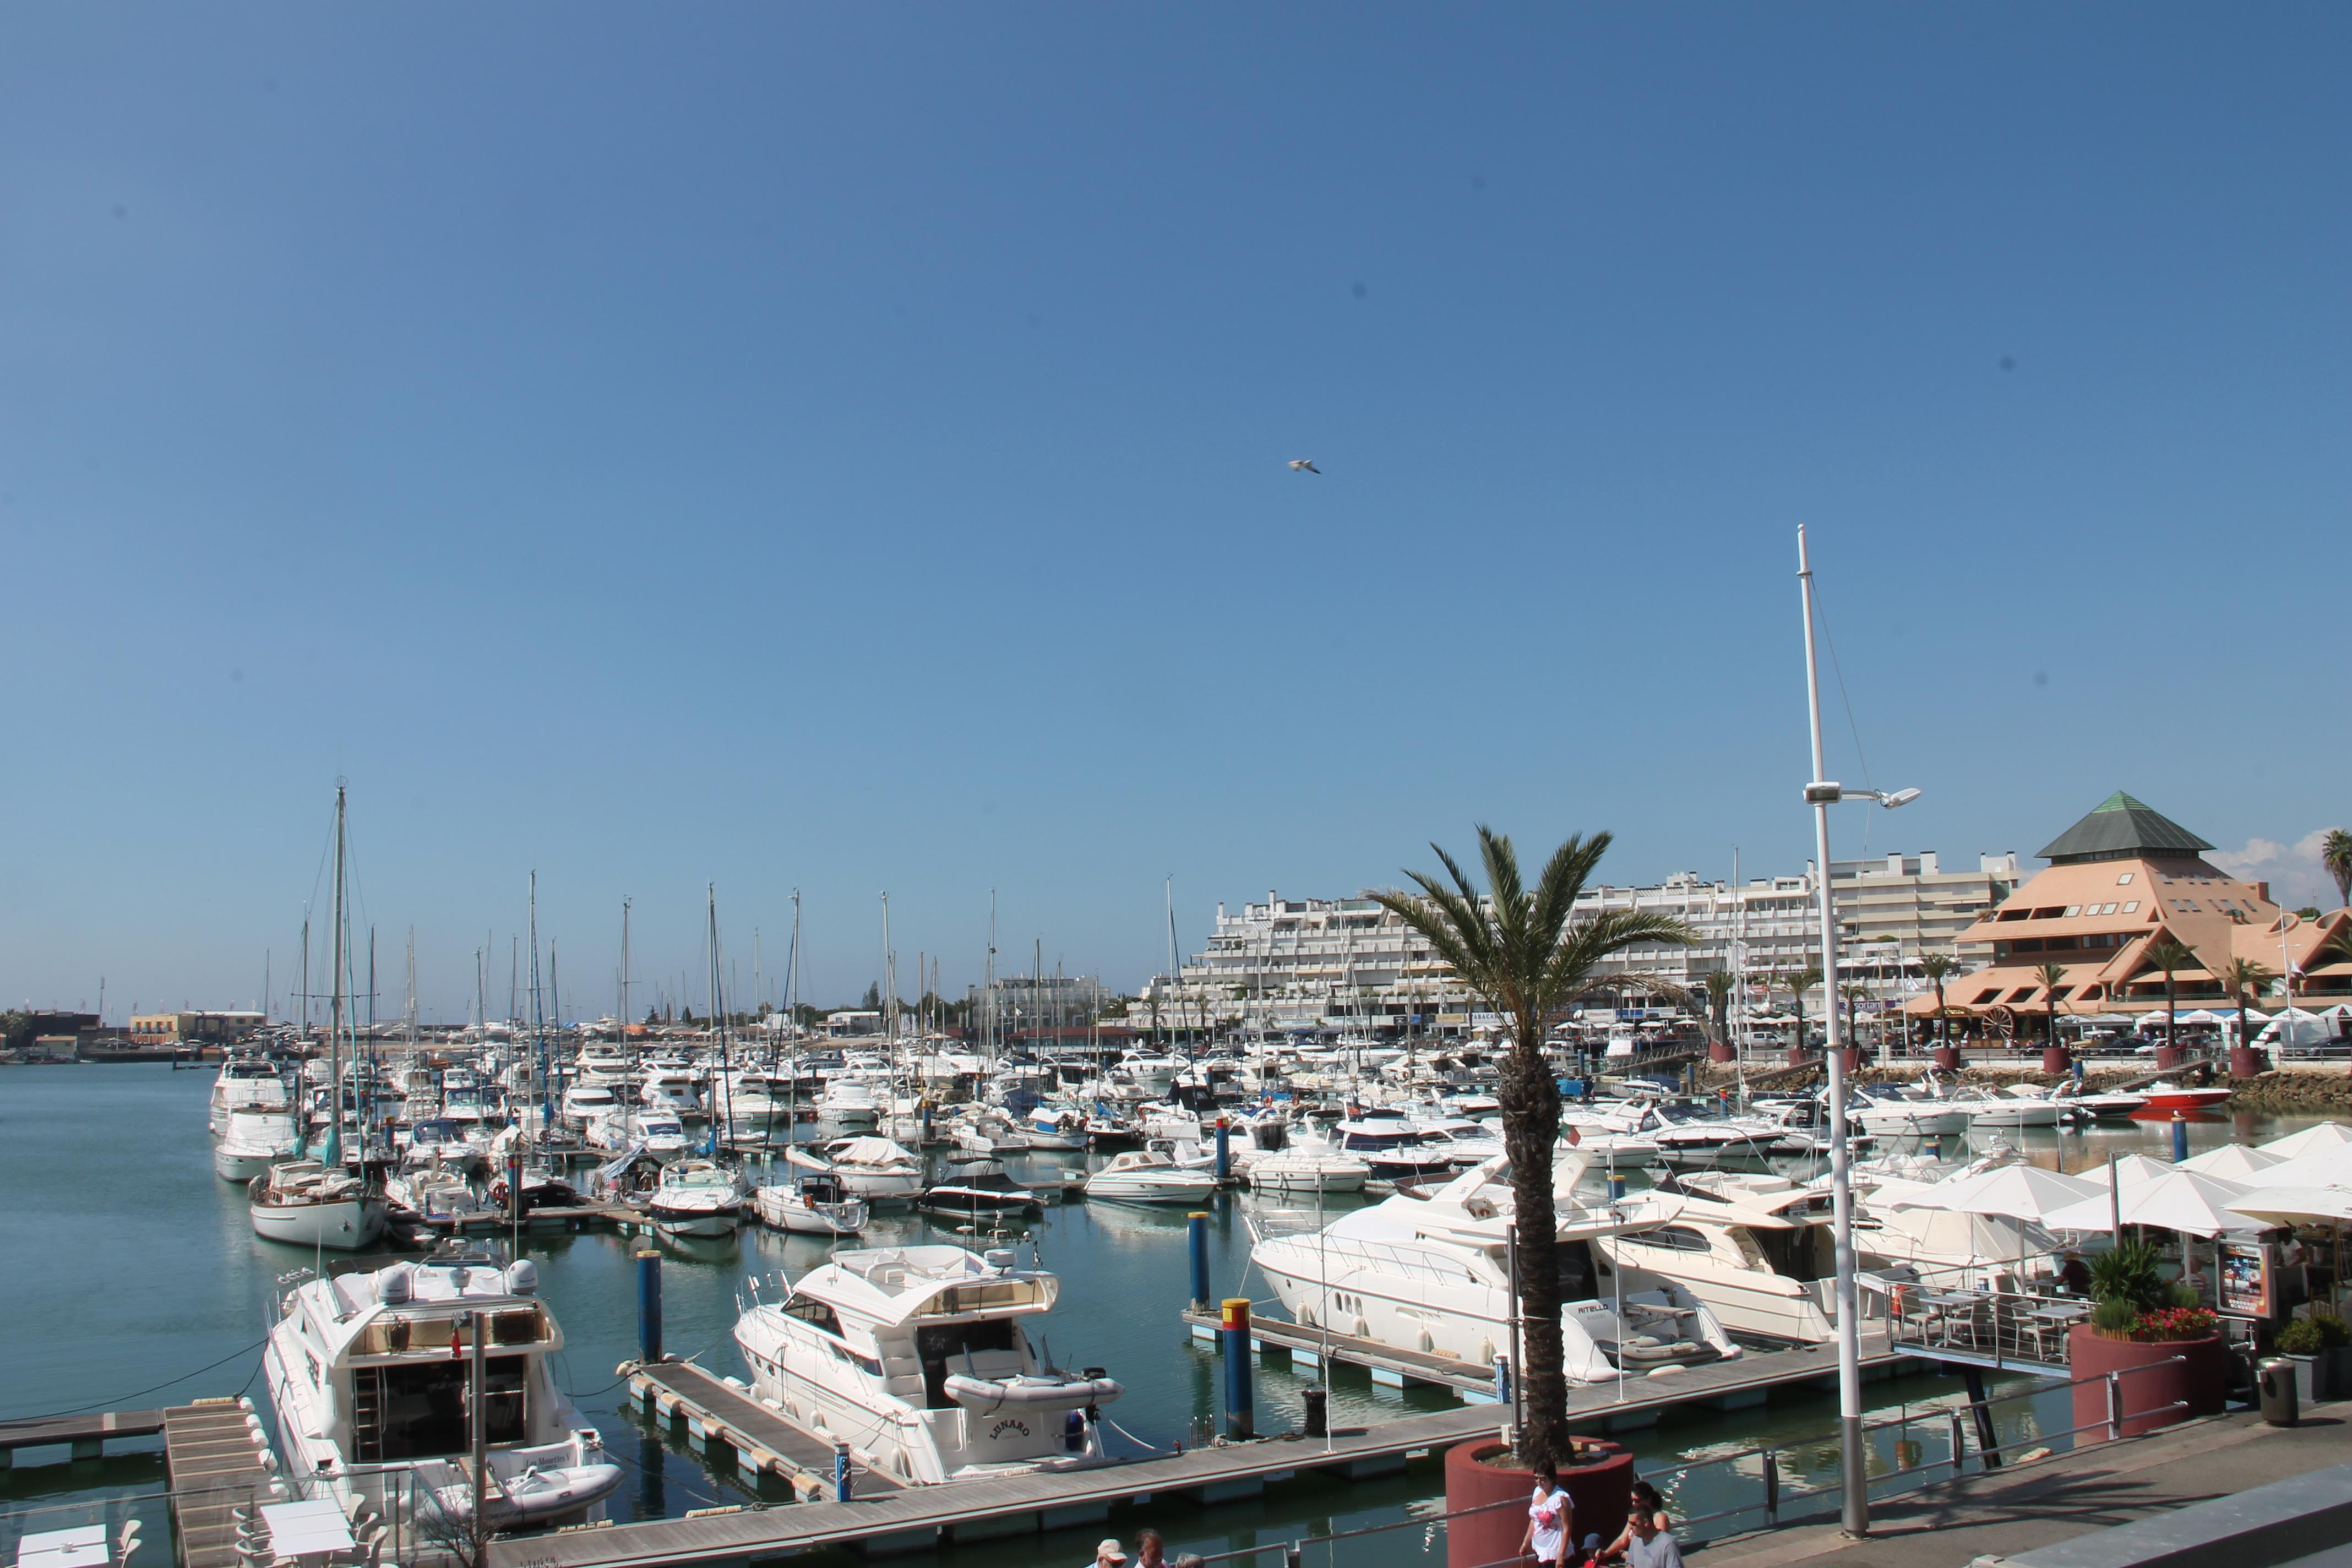 #42658922218976 Vilamoura Vakantie Algarve Portugal IMG 8208 Meest effectief Luxe Vakantie Portugal 3705 behang 427228483705 afbeeldingen